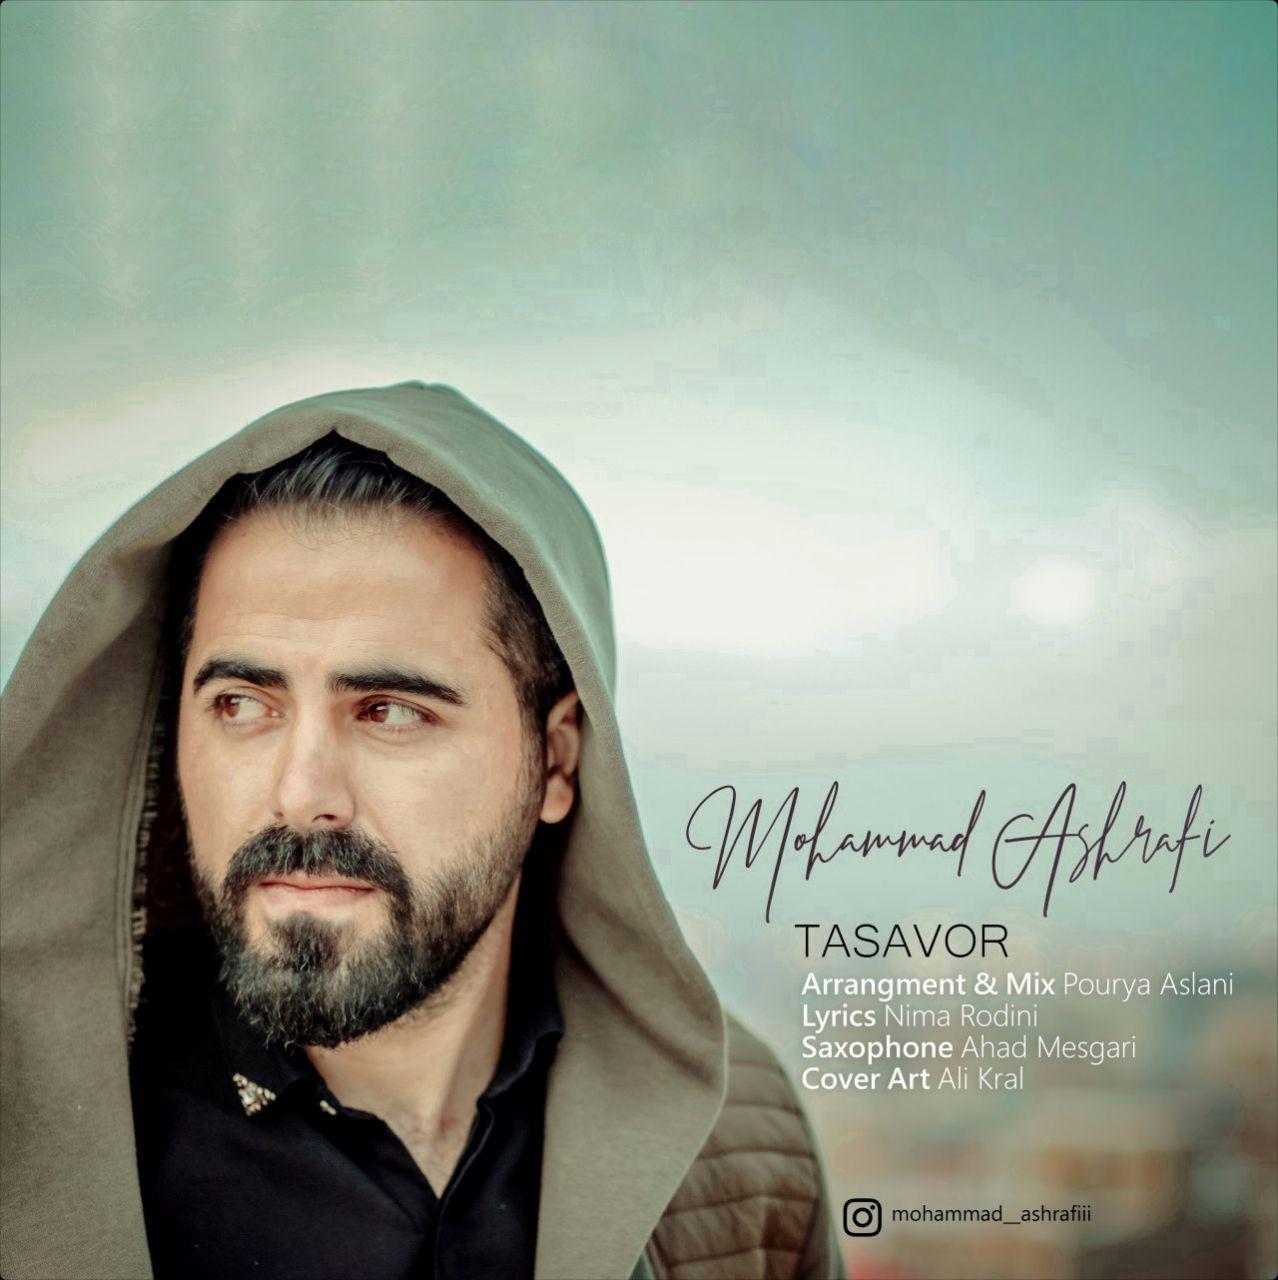 محمد اشرفی به نام تصور